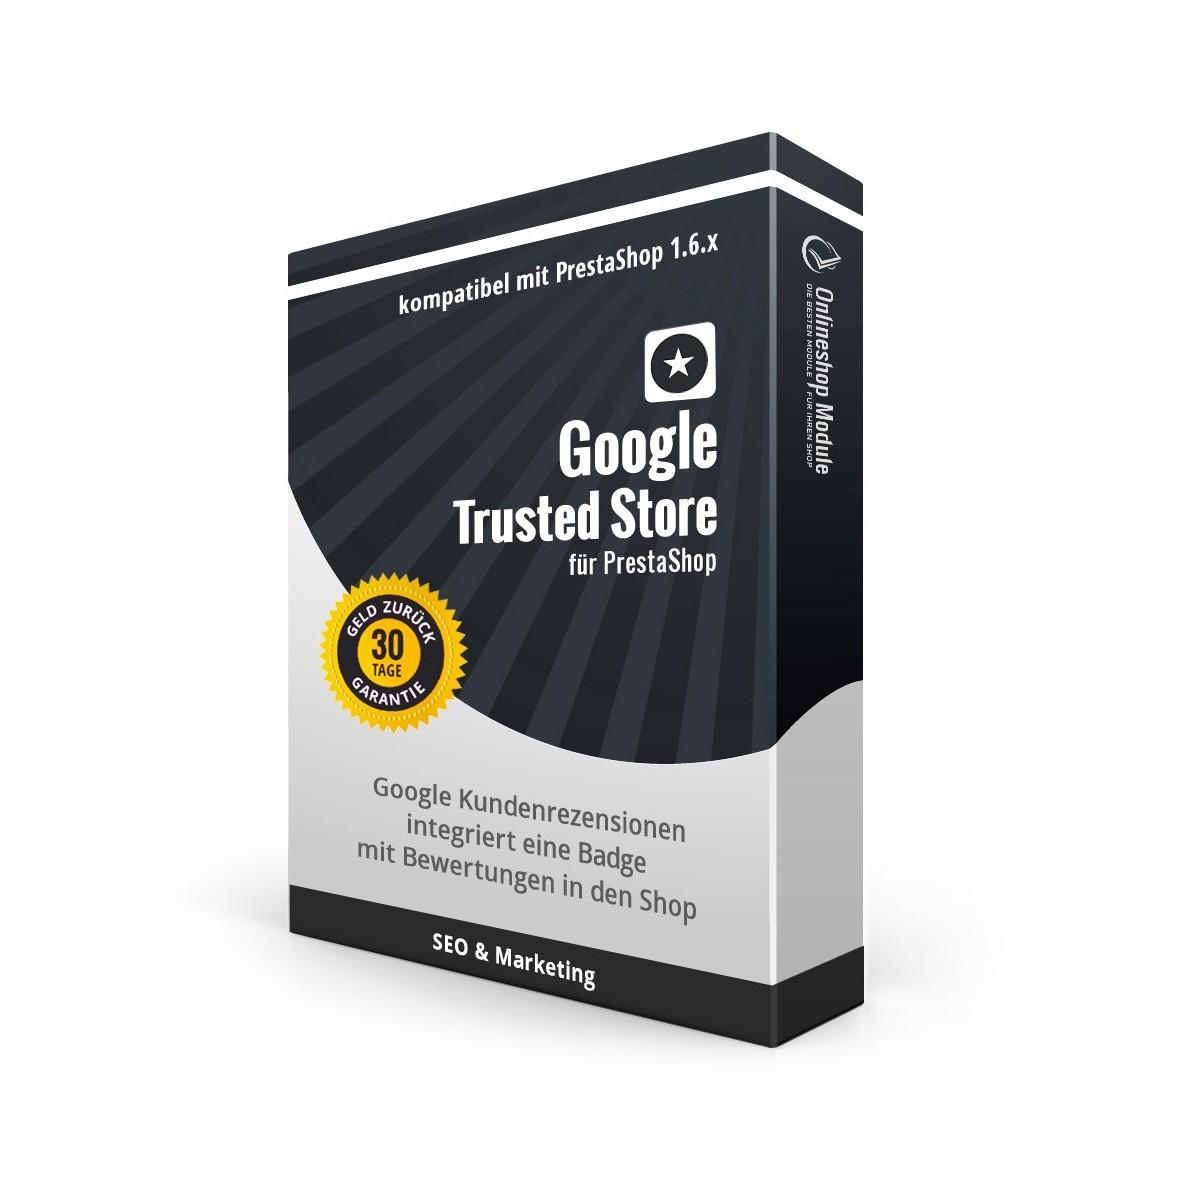 Google Trusted Store für PrestaShop 1.6